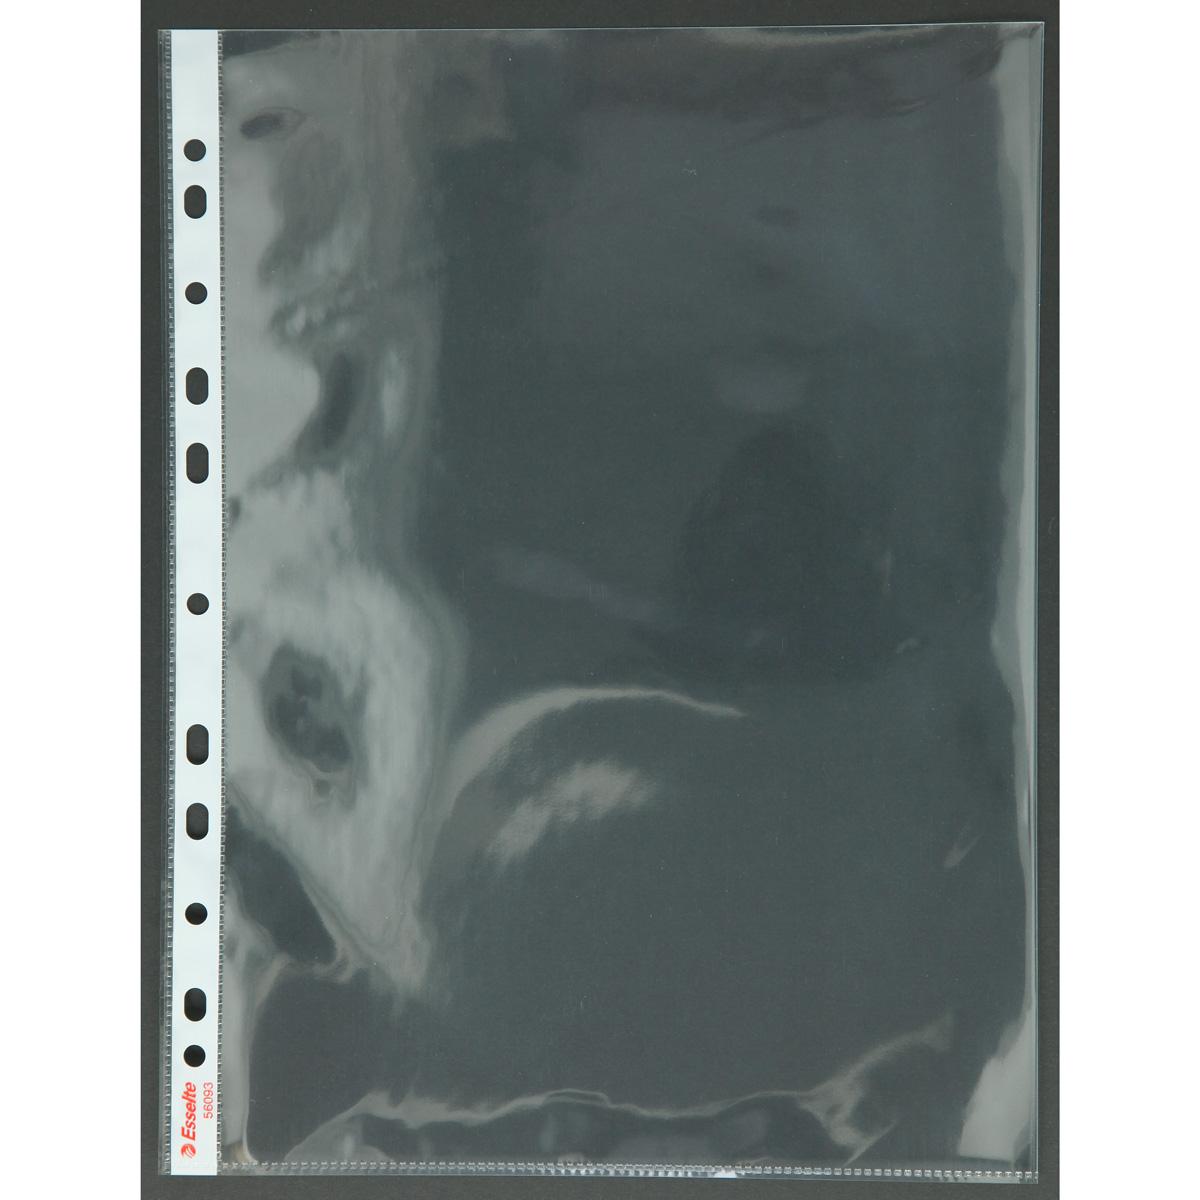 Wkład A-4 folia przezroczysta fi 105 1 Galeria opcji dodatkowych